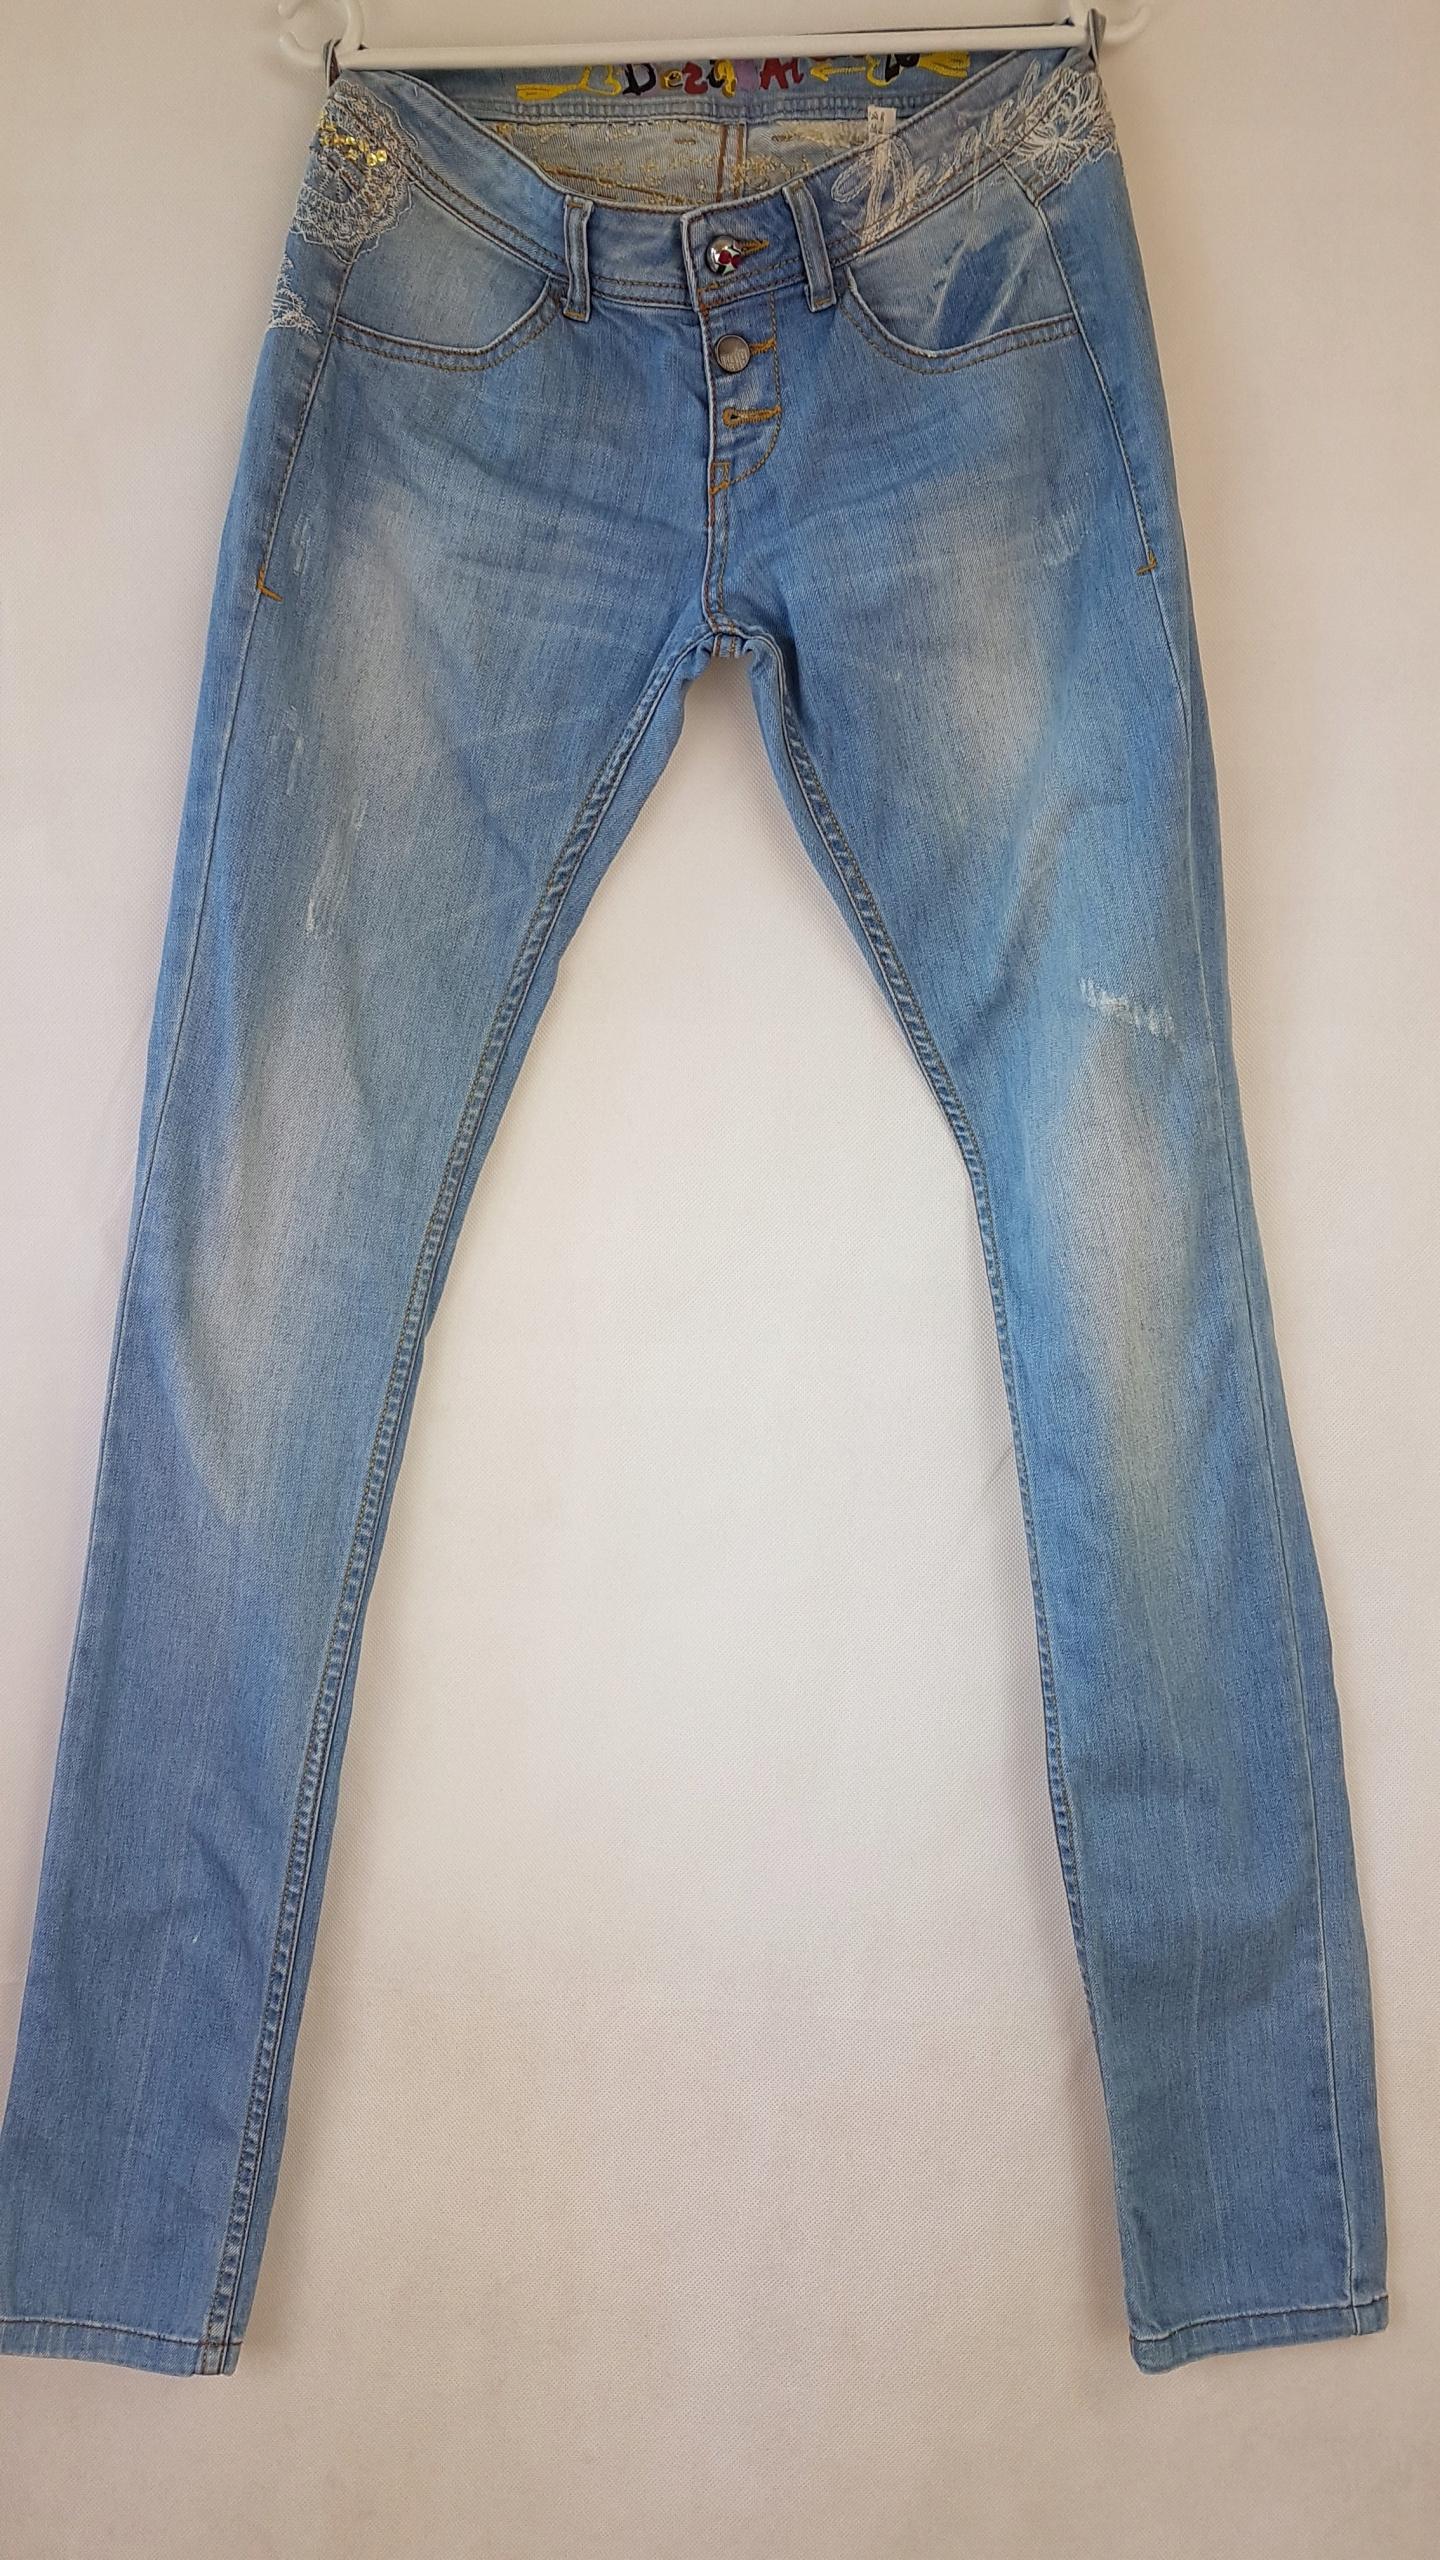 Damskie jeansy Desigual r. 26 7507445310 oficjalne